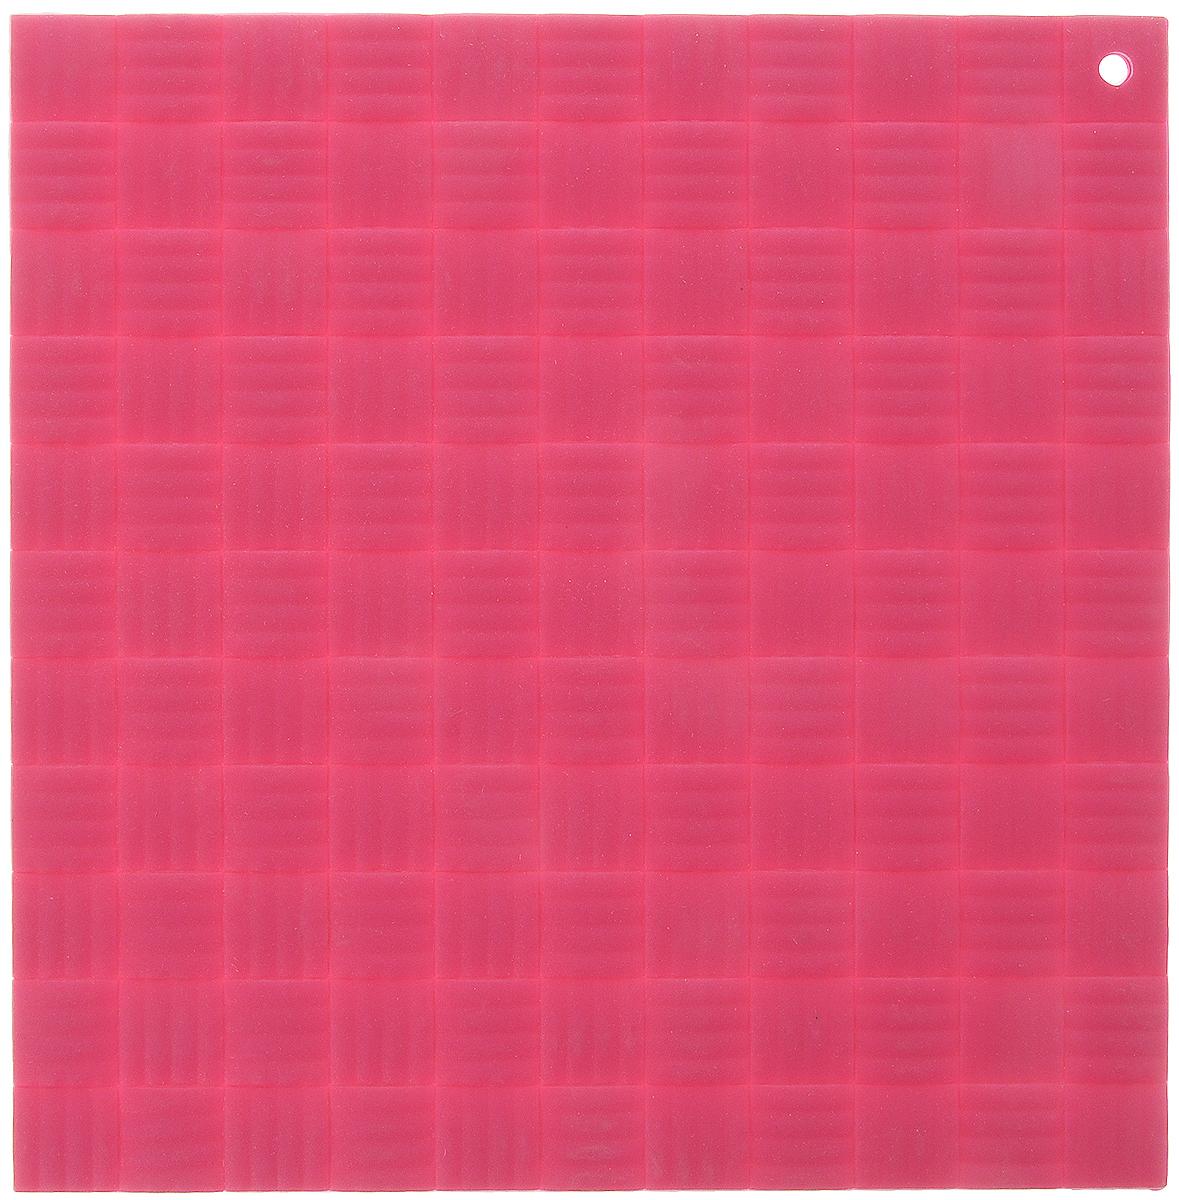 Подставка под горячее Paterra, силиконовая, цвет: малиновый, 17,5 х 17,5 см402-499_малиновыйПодставка под горячее Paterra изготовлена из силикона и оснащена специальным отверстием для подвешивания. Материал позволяет выдерживать высокие температуры и не скользит по поверхности стола. Каждая хозяйка знает, что подставка под горячее - это незаменимый и очень полезный аксессуар на каждой кухне. Ваш стол будет не только украшен яркой и оригинальной подставкой, но и сбережен от воздействия высоких температур.